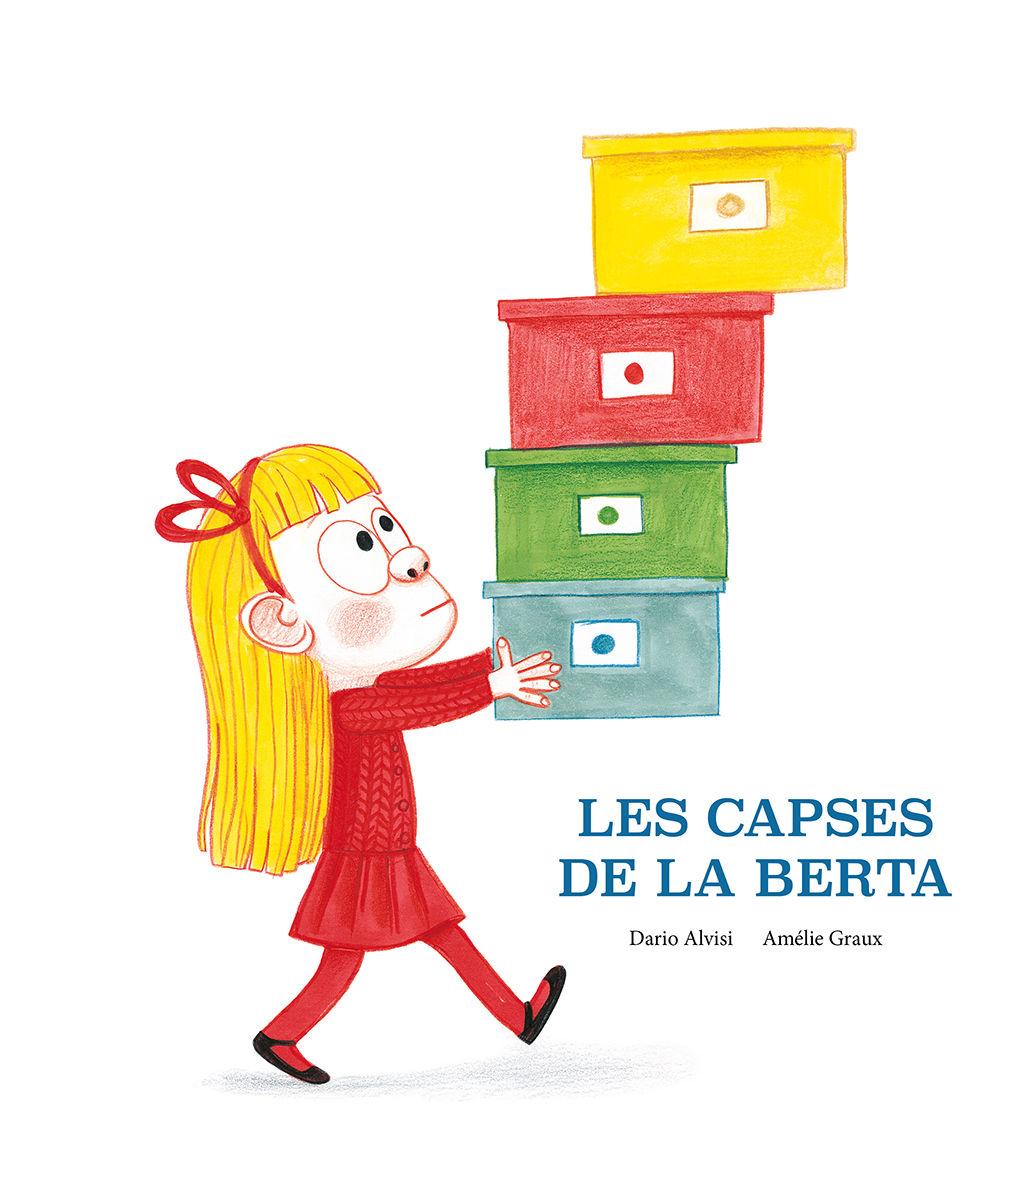 CAPSES DE LA BERTA LES - CAT